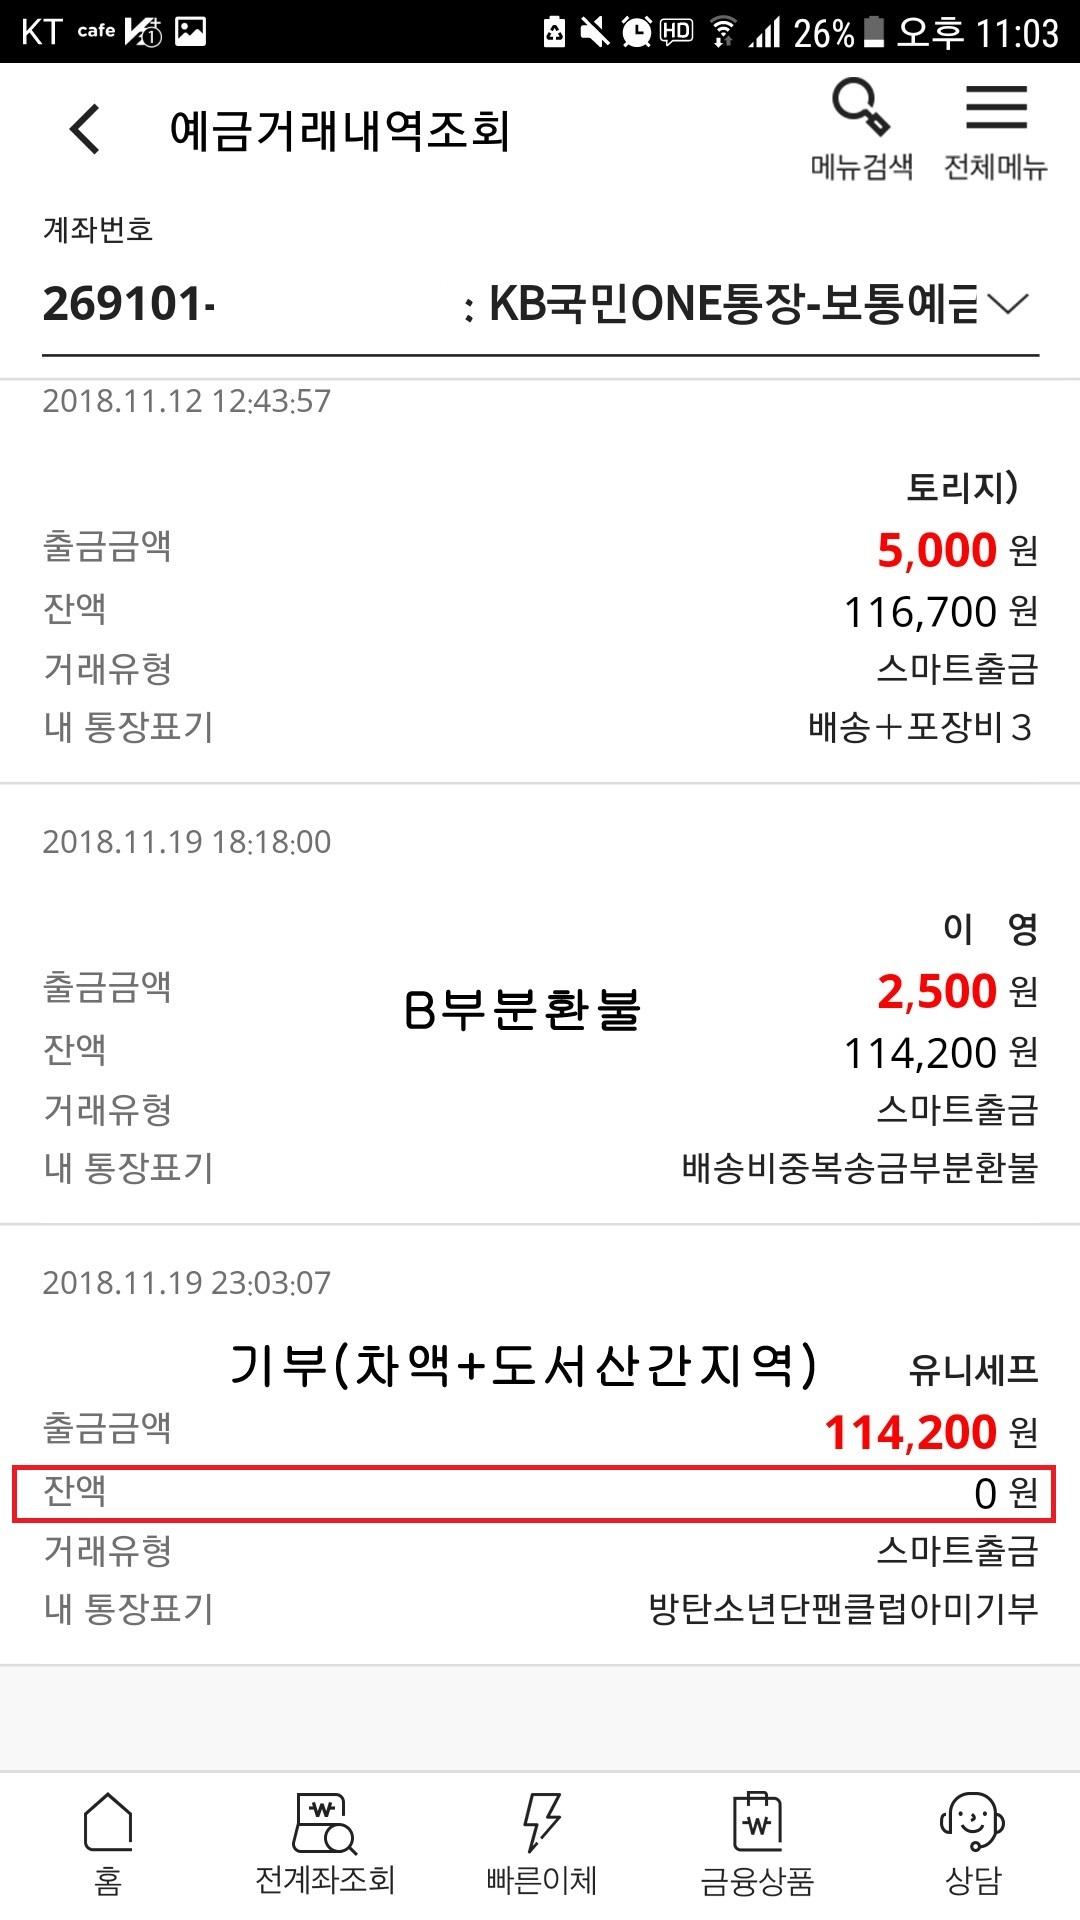 방탄소년단) 인화사진 바인더 공구 정산!(사진짱짱많음주의) | 인스티즈